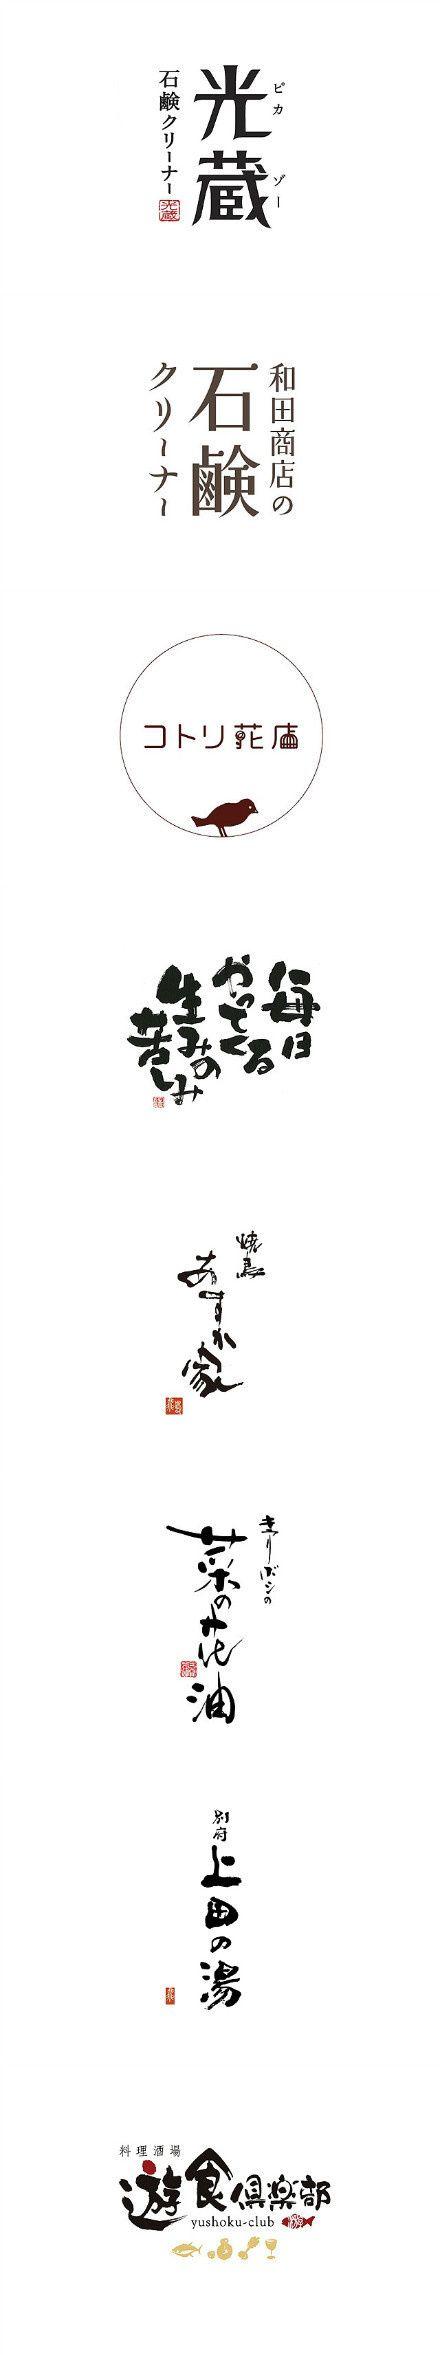 日本字体设计。